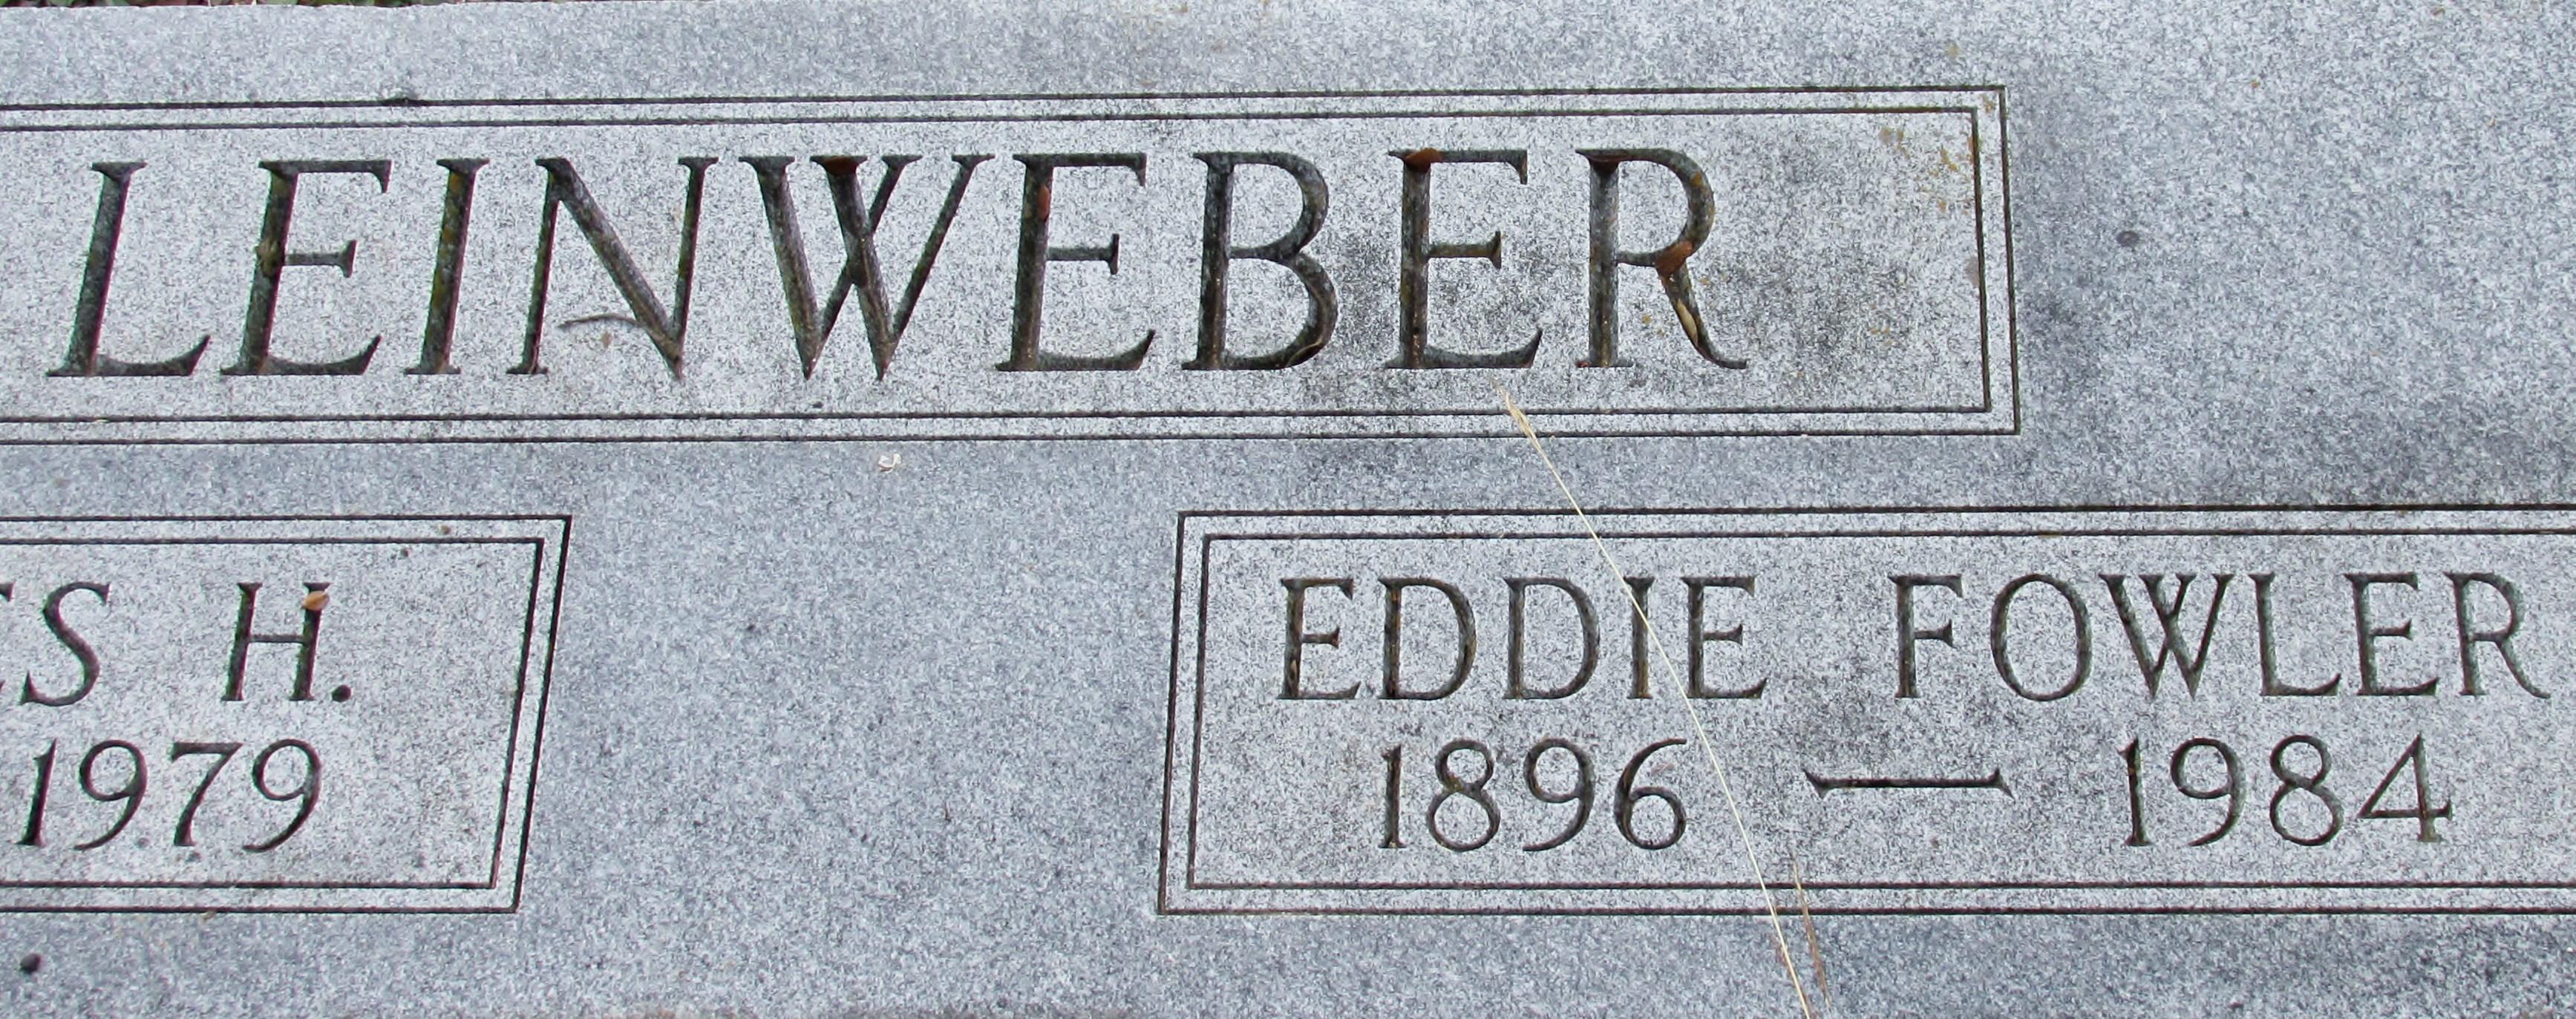 Eddie <i>Fowler</i> Leinweber